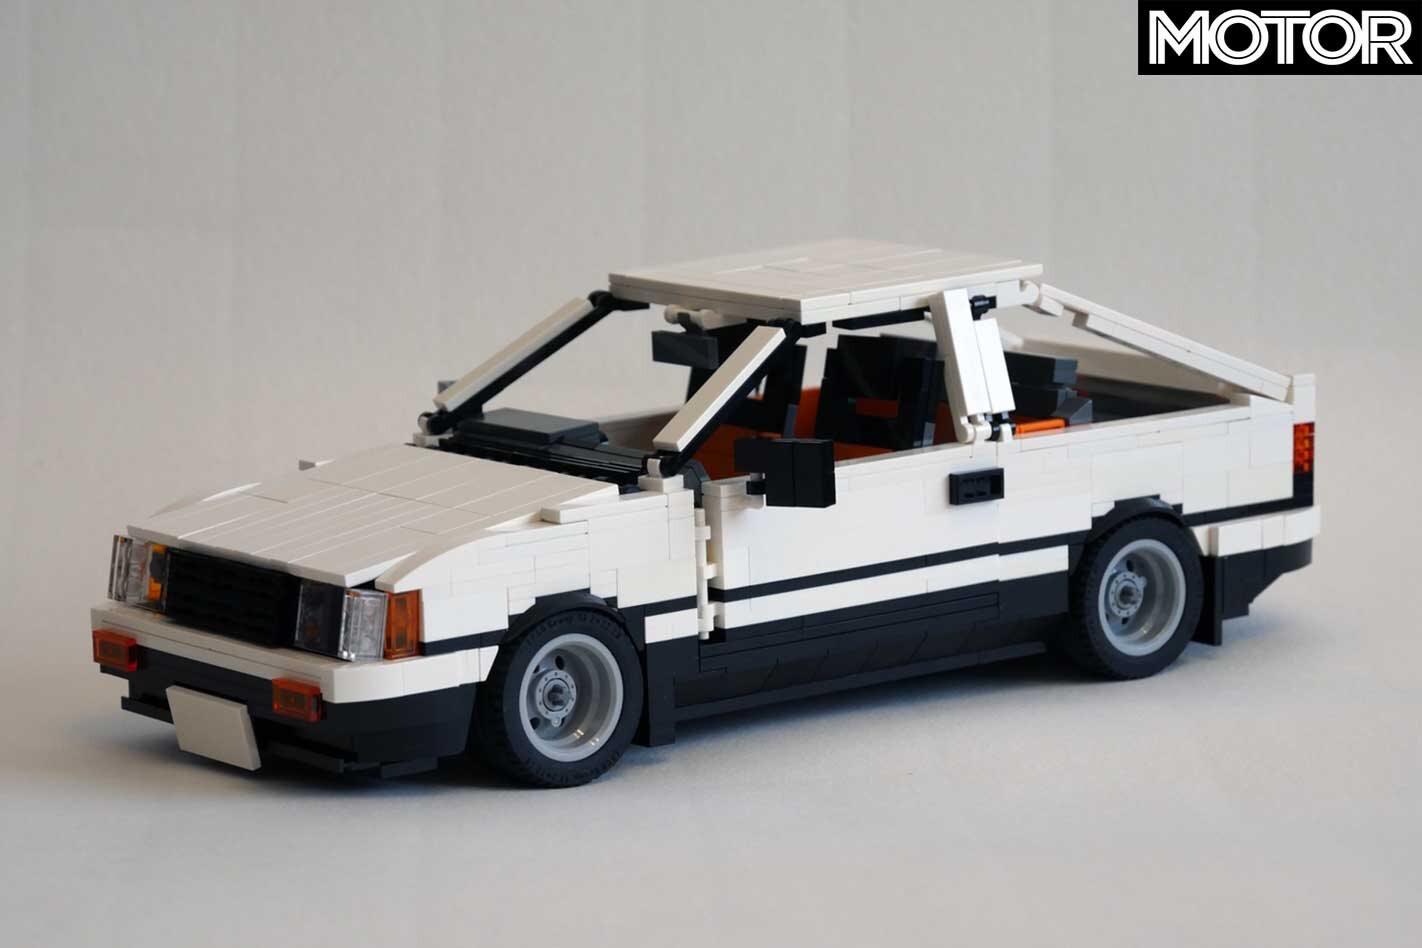 Lego AE 85 Jpg